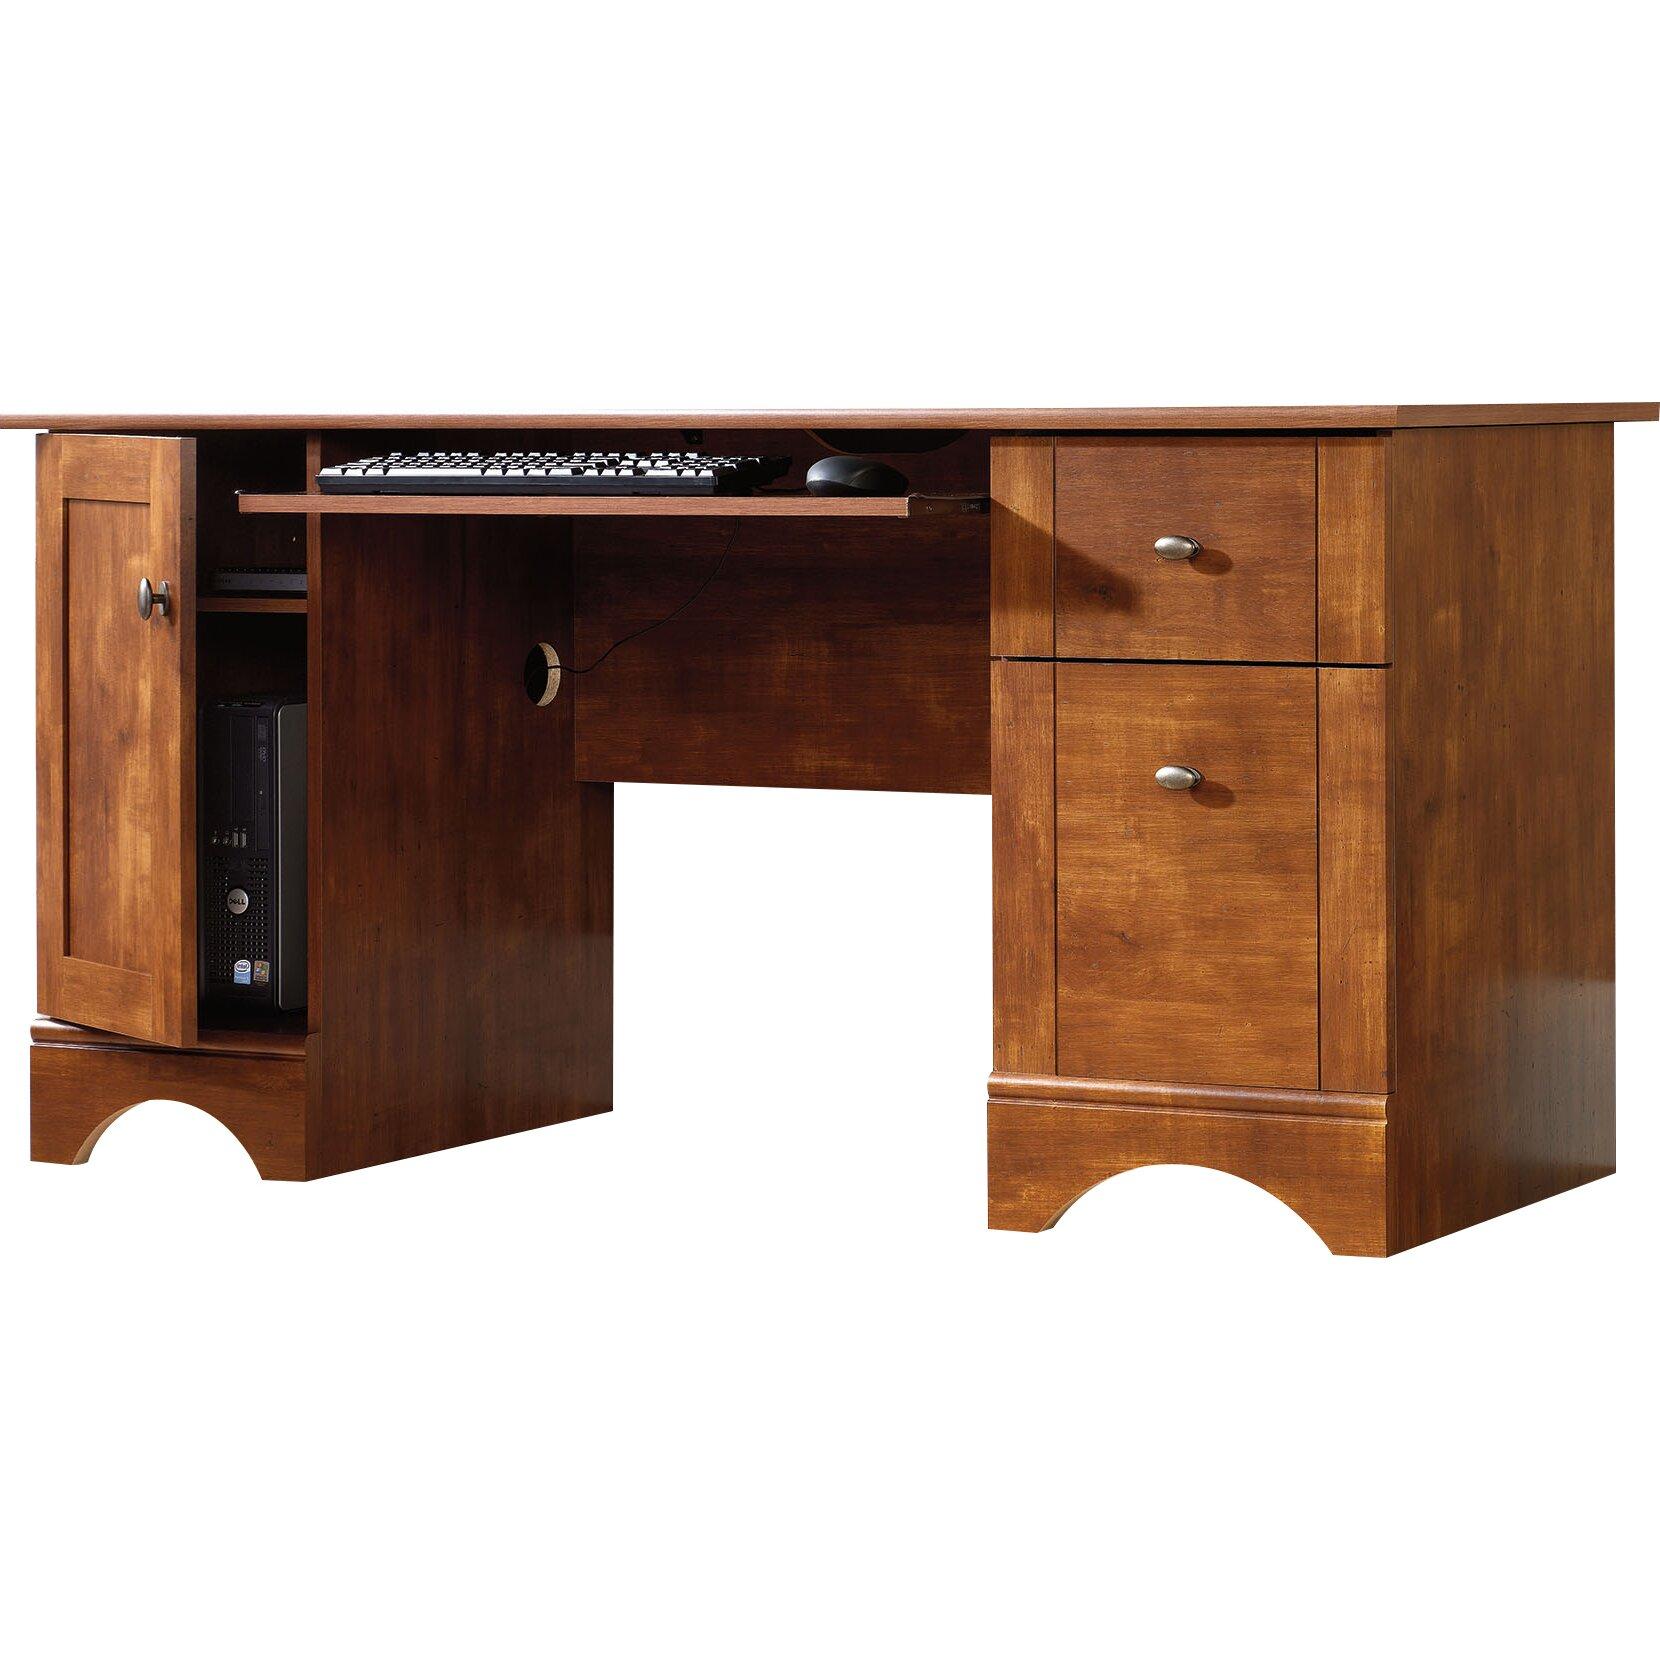 sauder computer desk with 2 storage drawers reviews. Black Bedroom Furniture Sets. Home Design Ideas